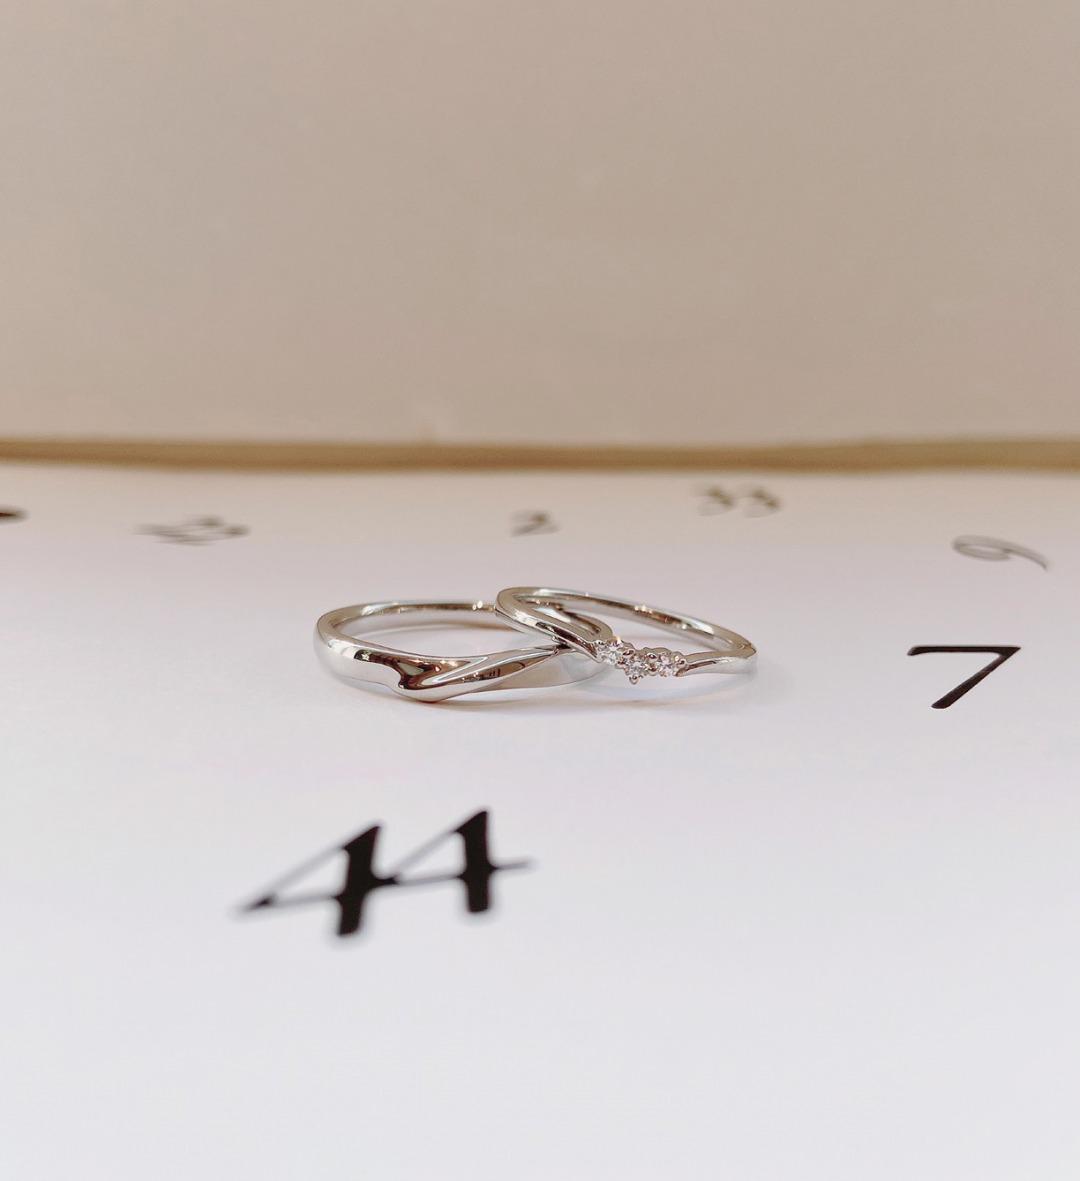 指が長く見えるVラインが特徴のシンプル結婚指輪ANGIE